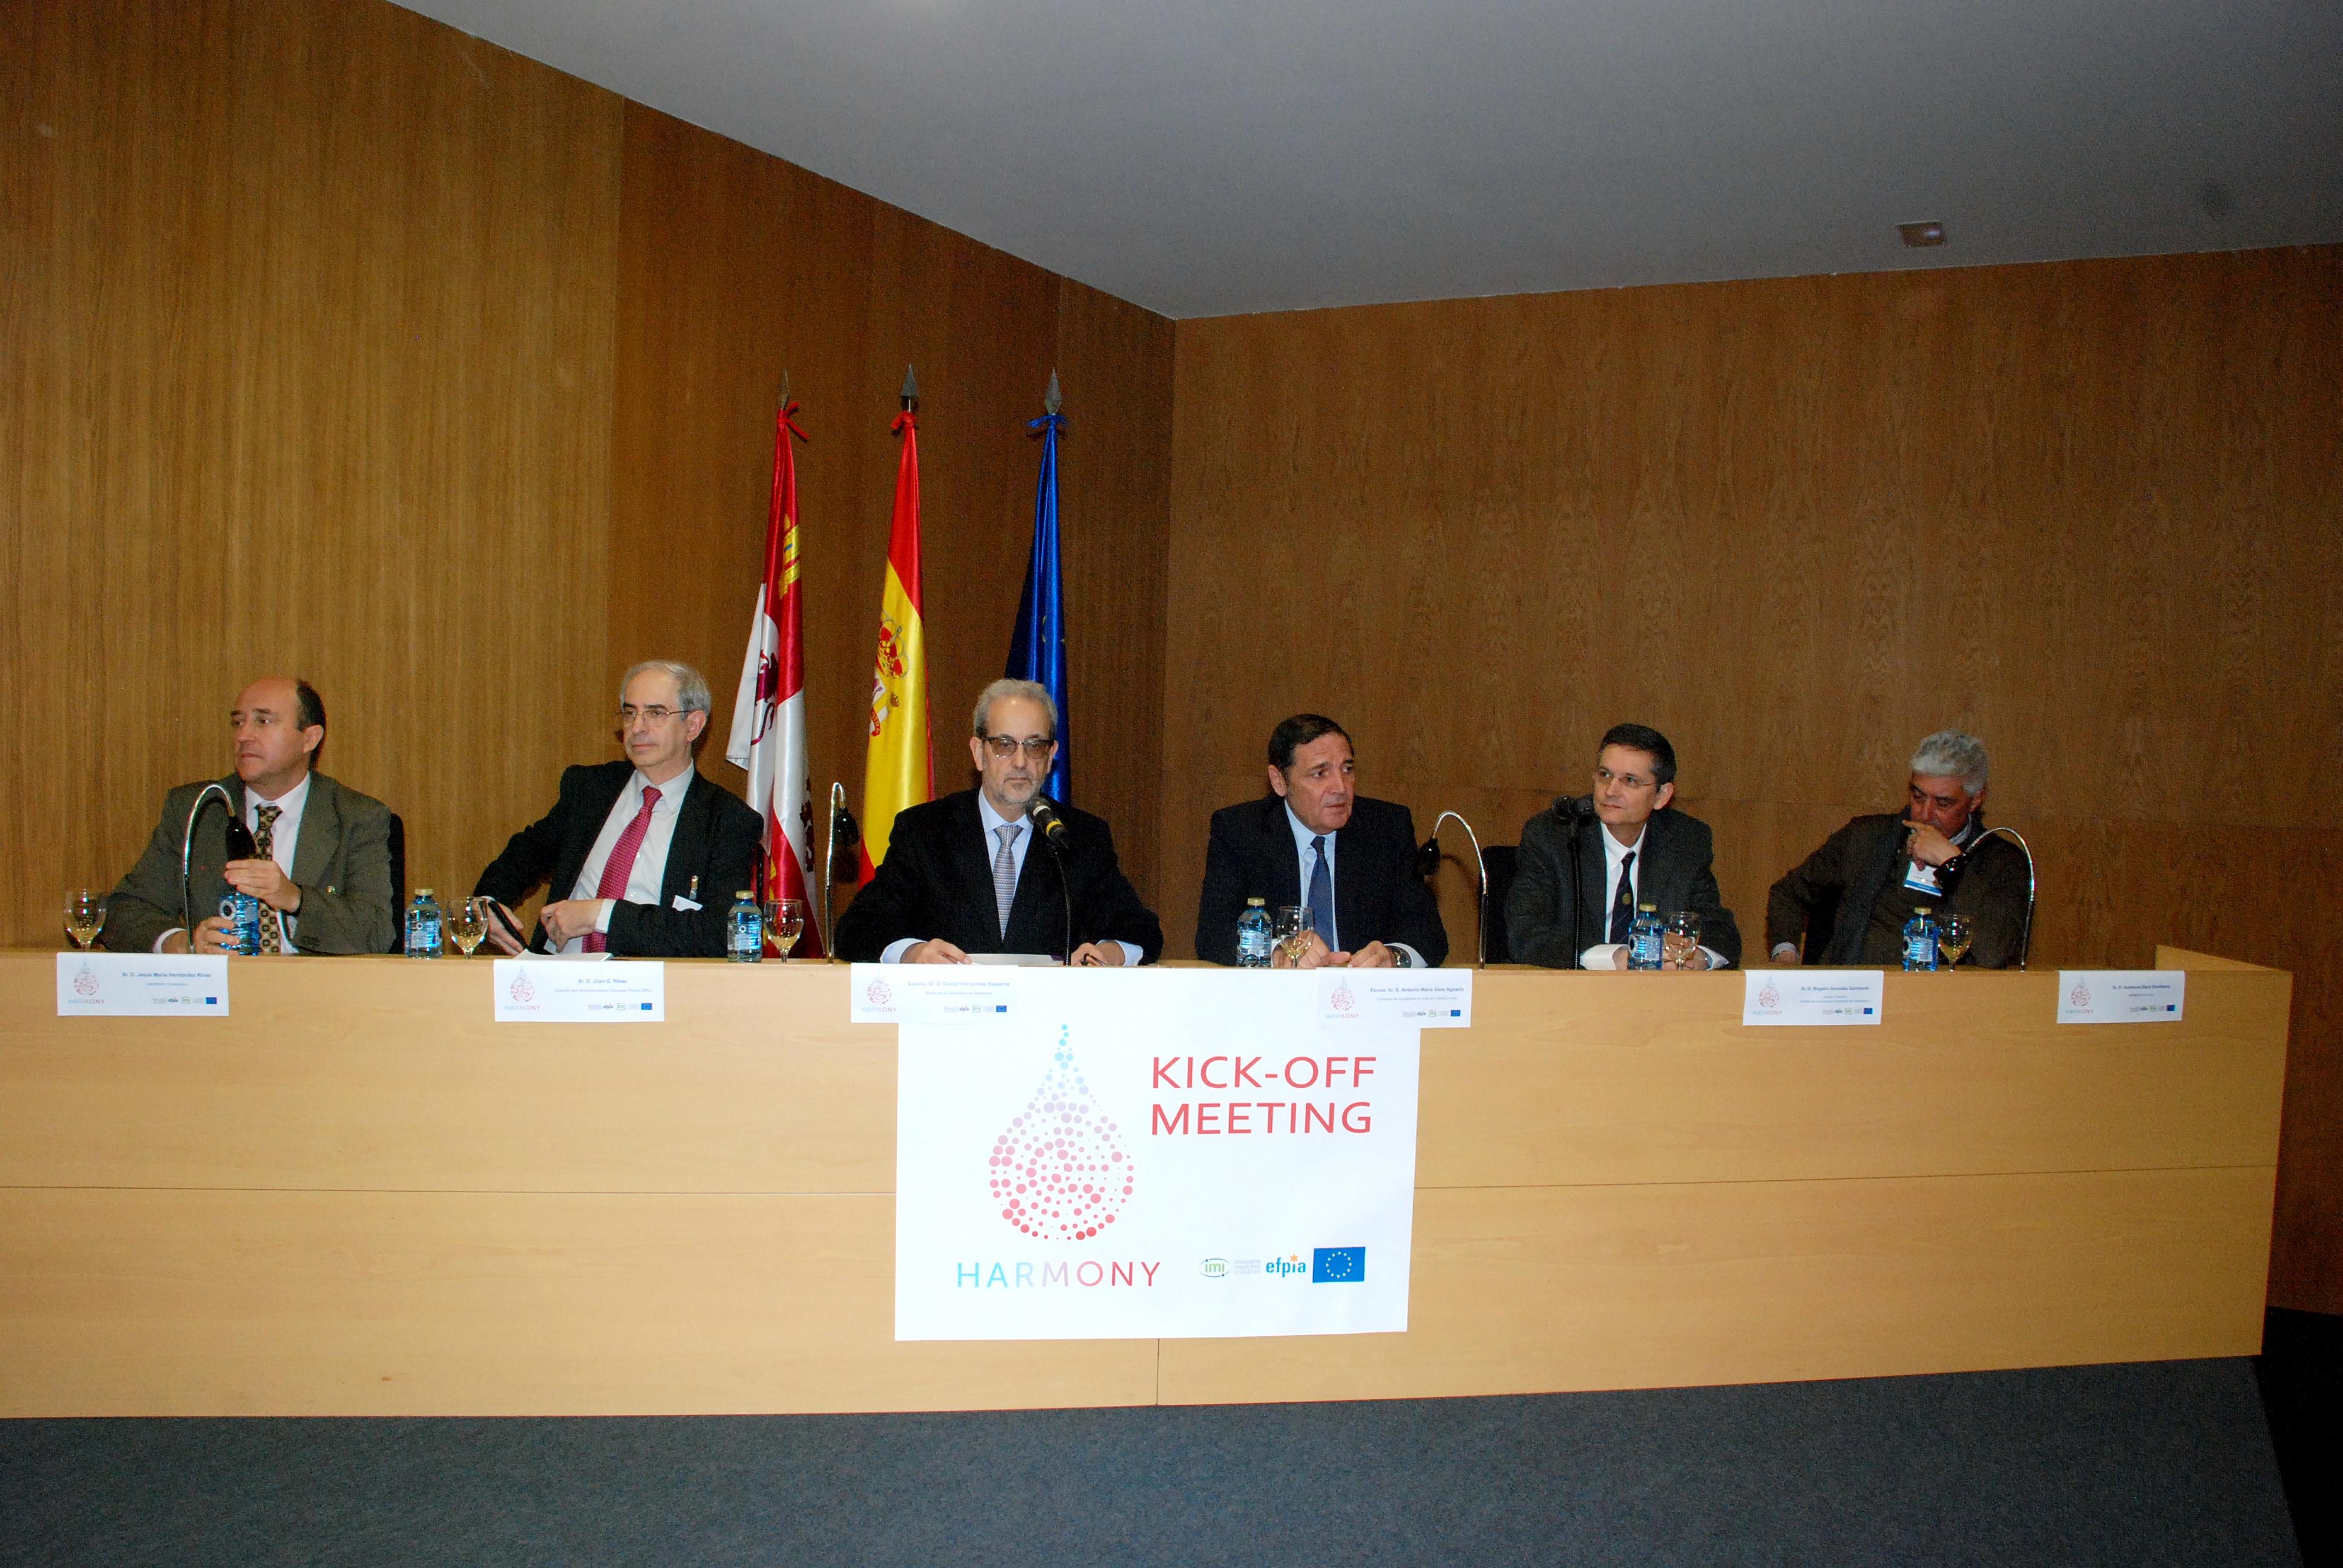 El rector de la Universidad de Salamanca y el consejero de Sanidad presentan el proyecto europeo HARMONY, coordinado por el Instituto de Investigación Biomédica de Salamanca (IBSAL)